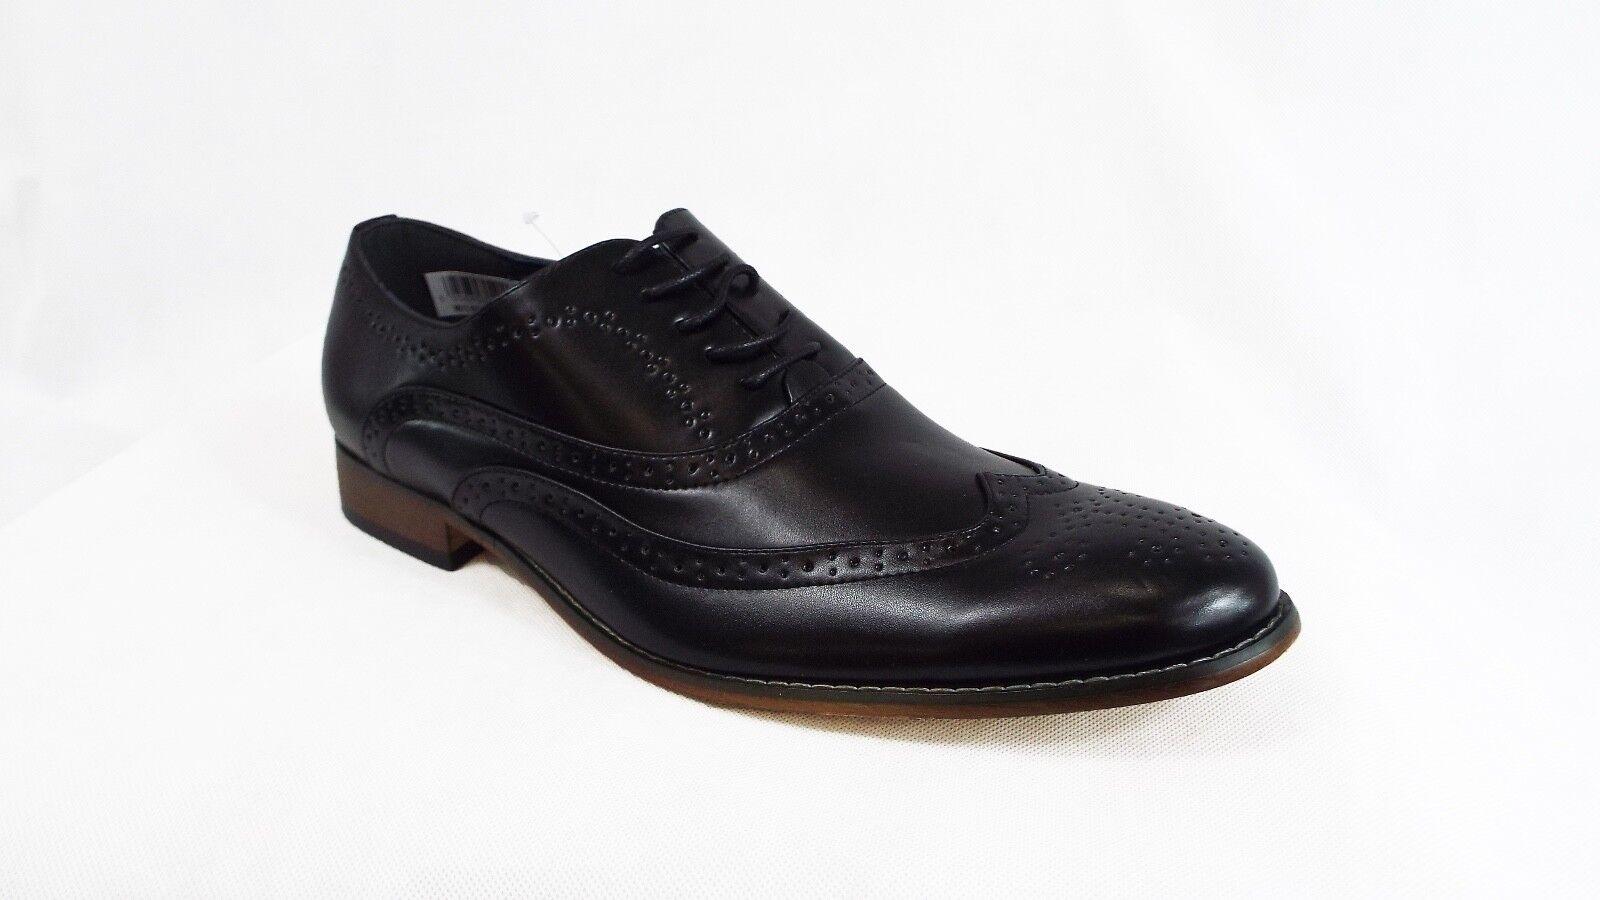 Mens Shoes Black Brogue Shoes Mens Wedding Formal Smart Casual 9d6f7b